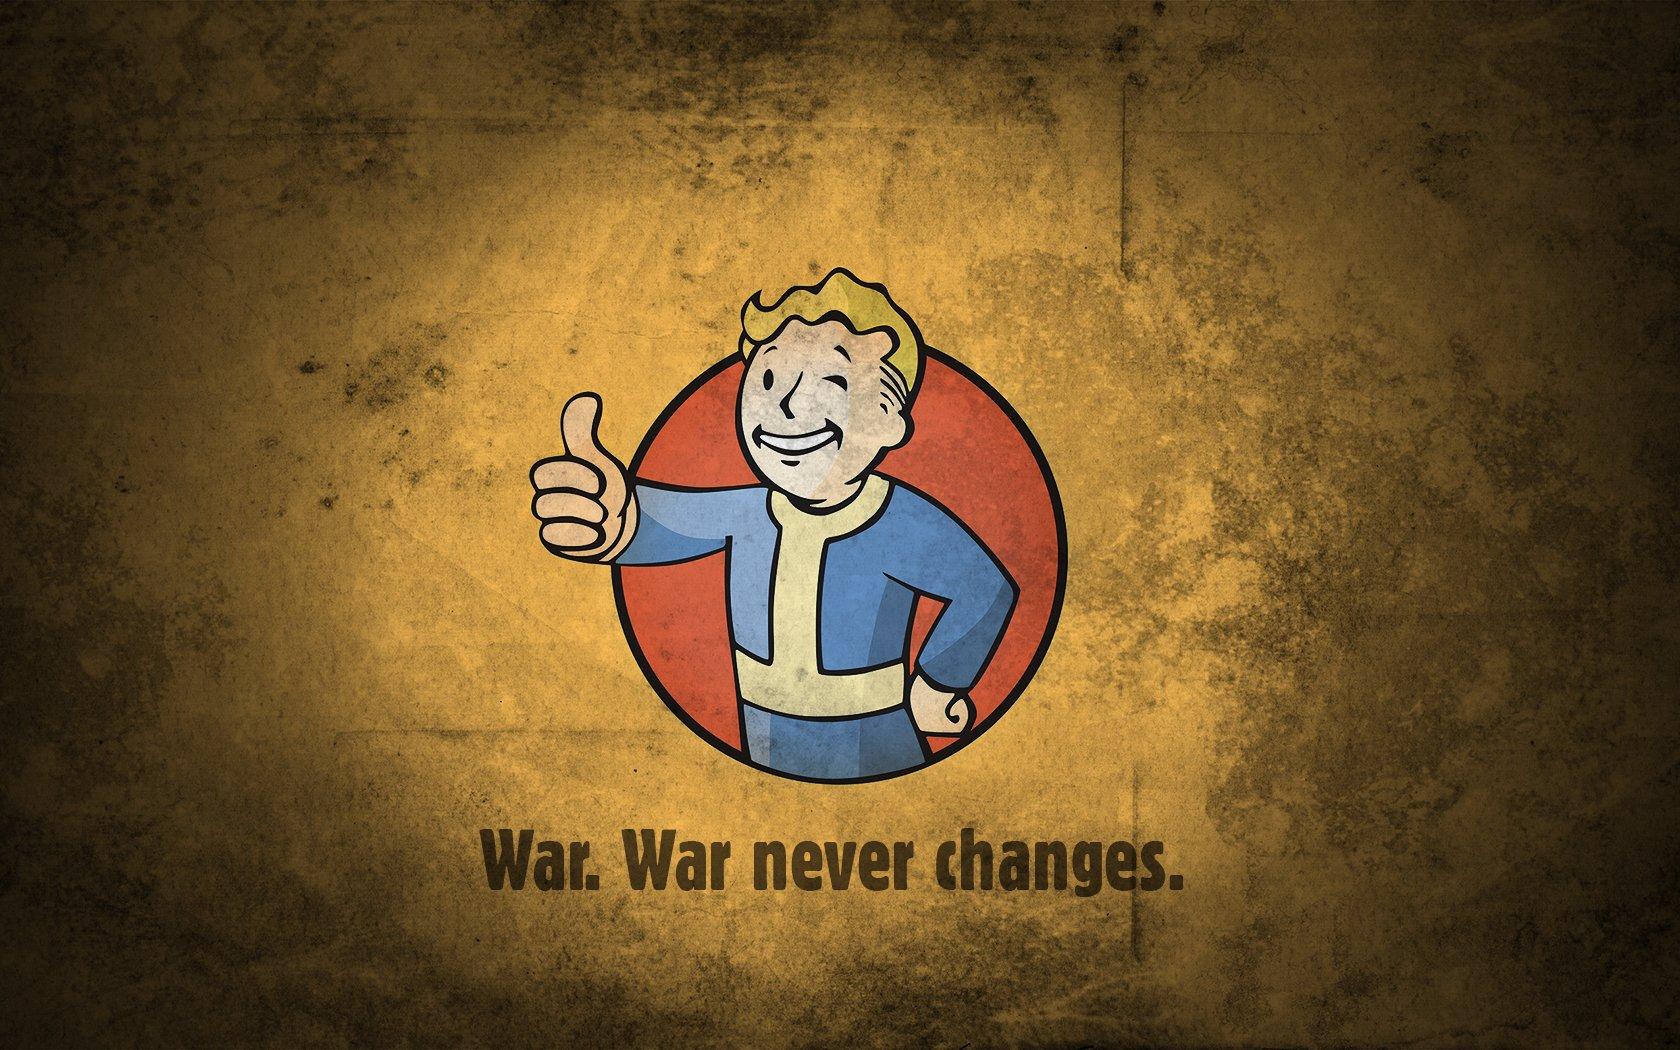 Fall Out Boy Logo Iphone Wallpaper Fallout Vault Boy War Never Changes Fond D 233 Cran And